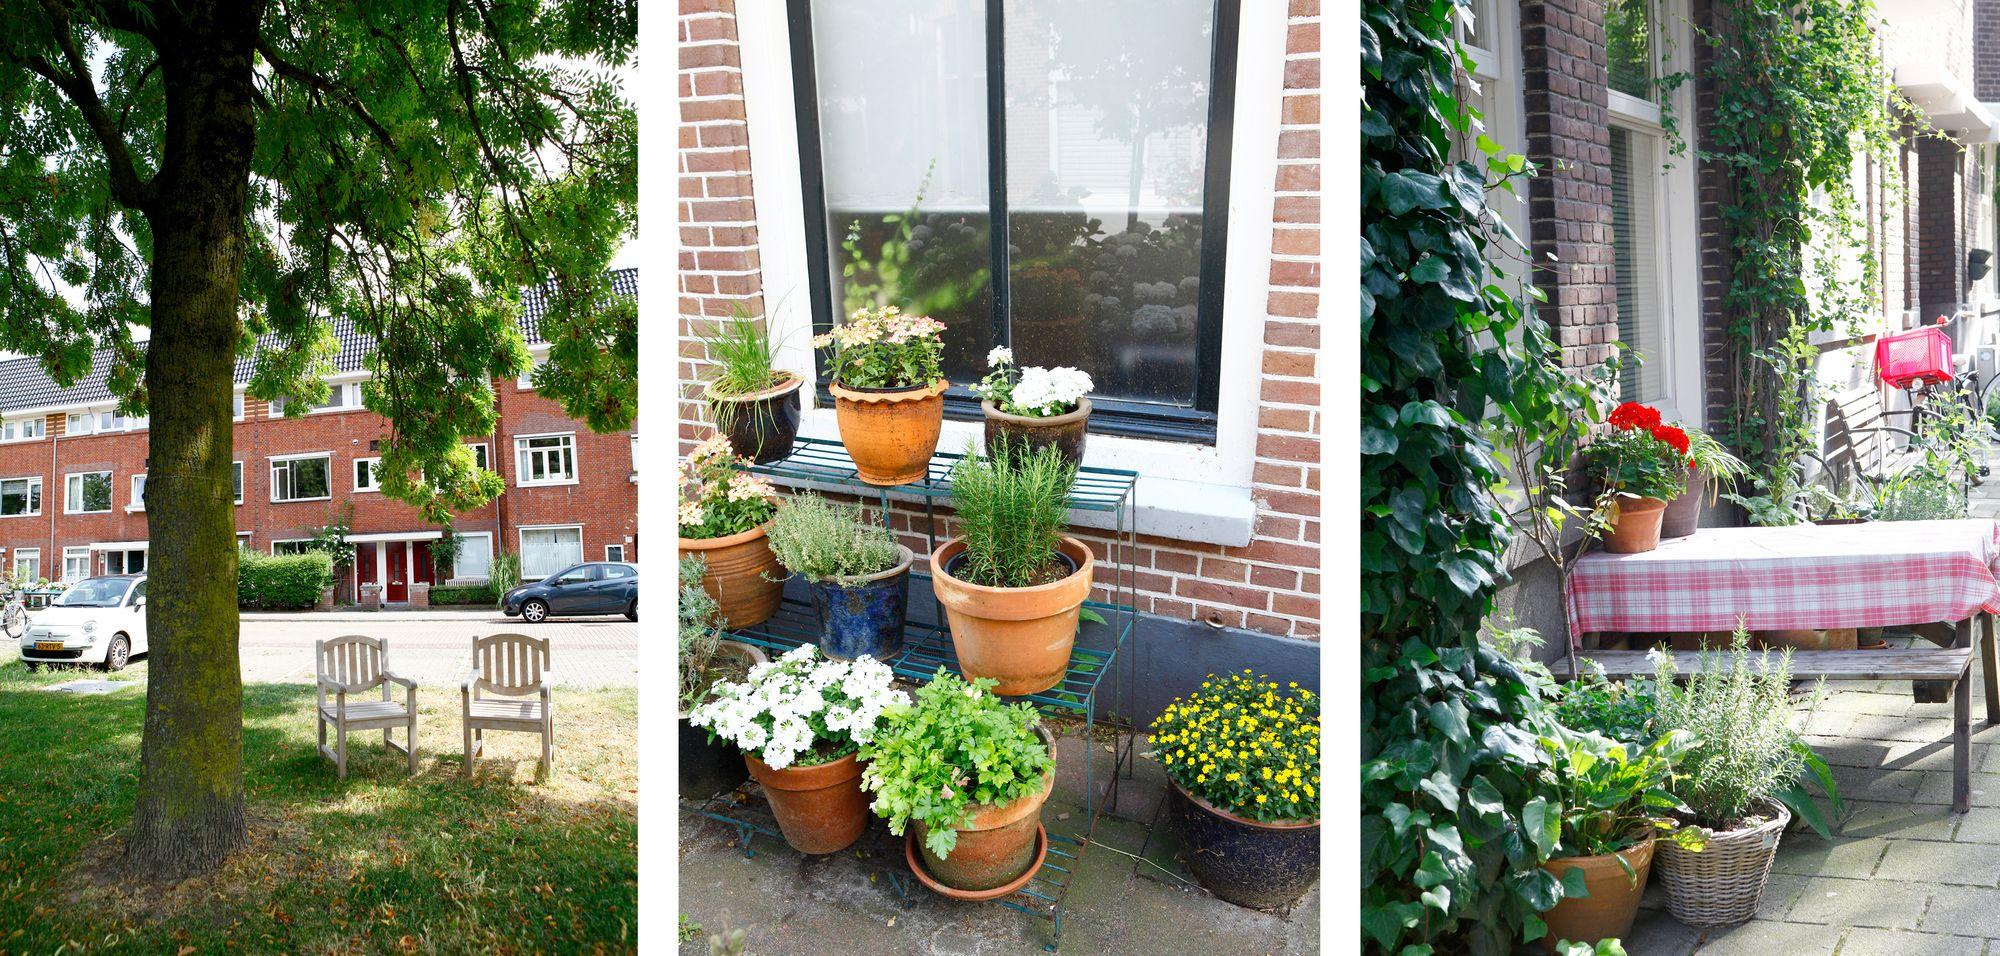 Huis Kopen: waar moet je op letten in de buurt als je een huis gaat kopen